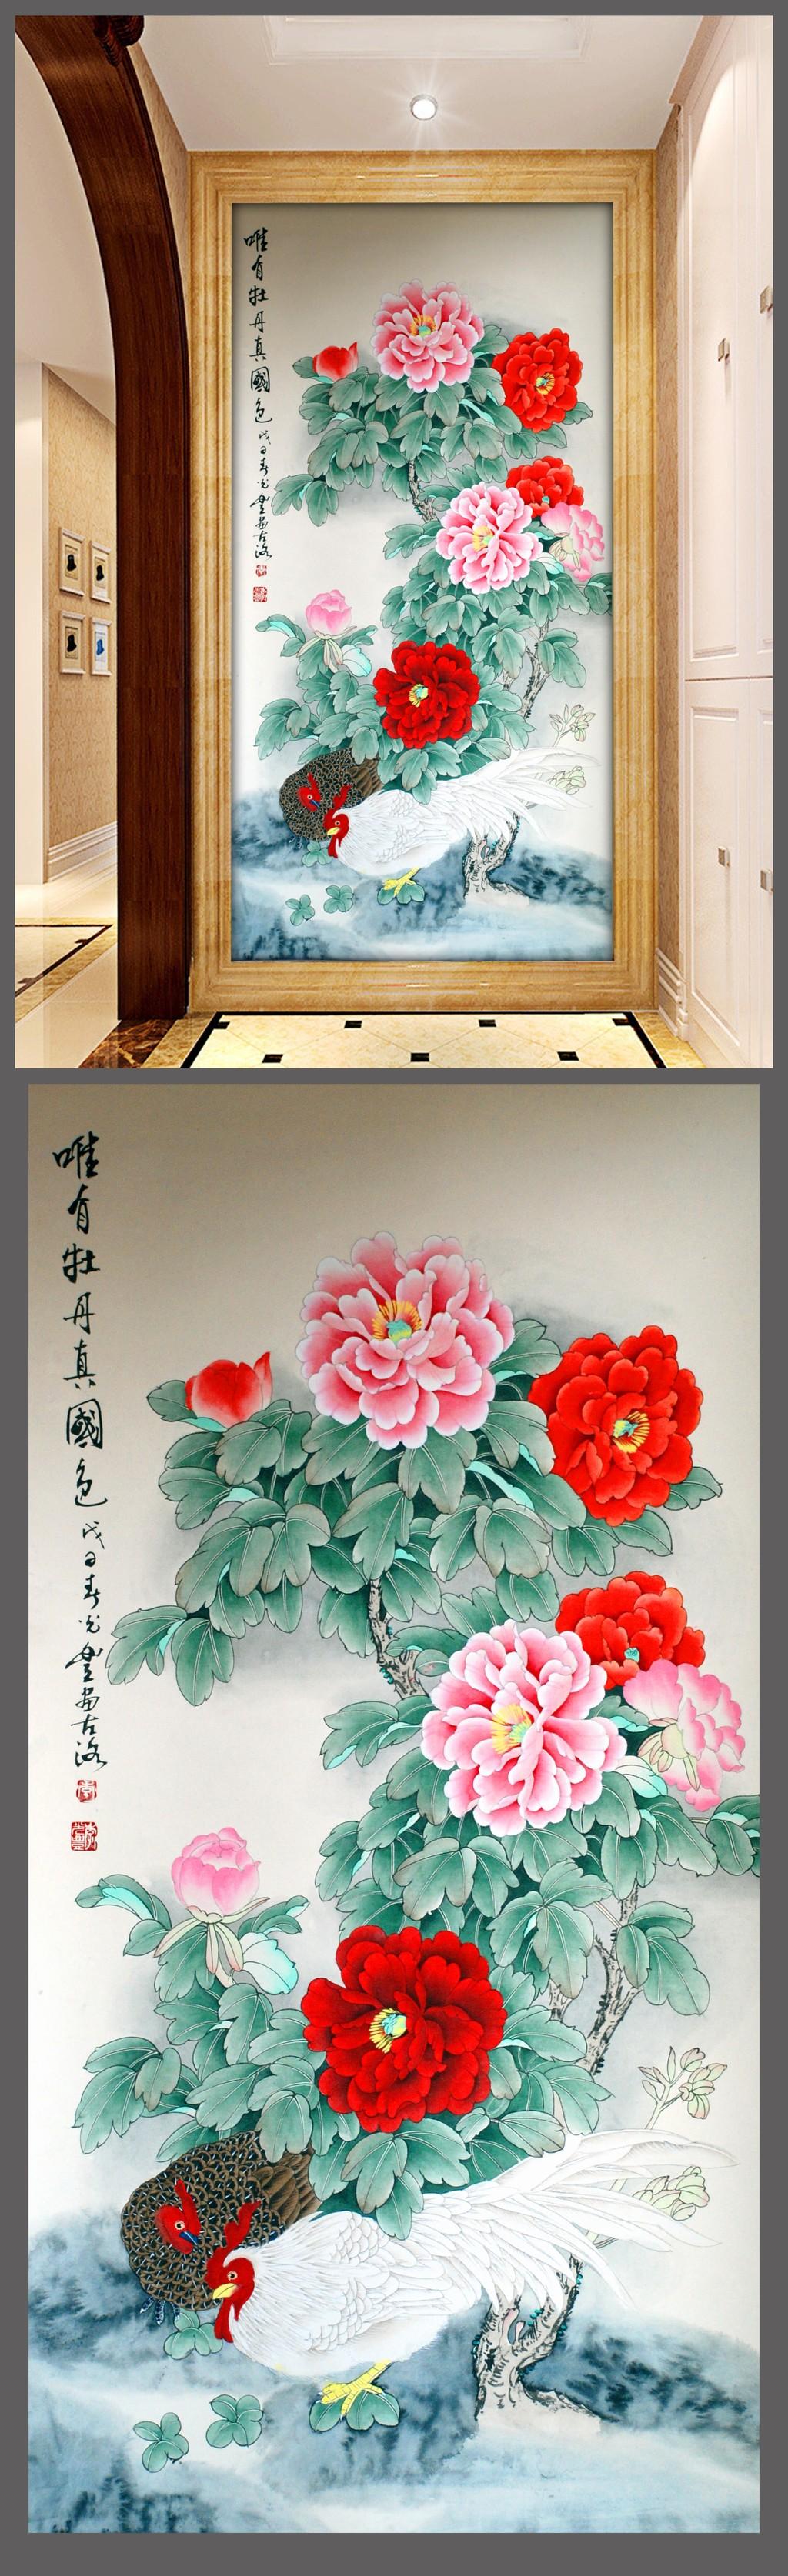 牡丹花油画工笔画玄关装饰画图片